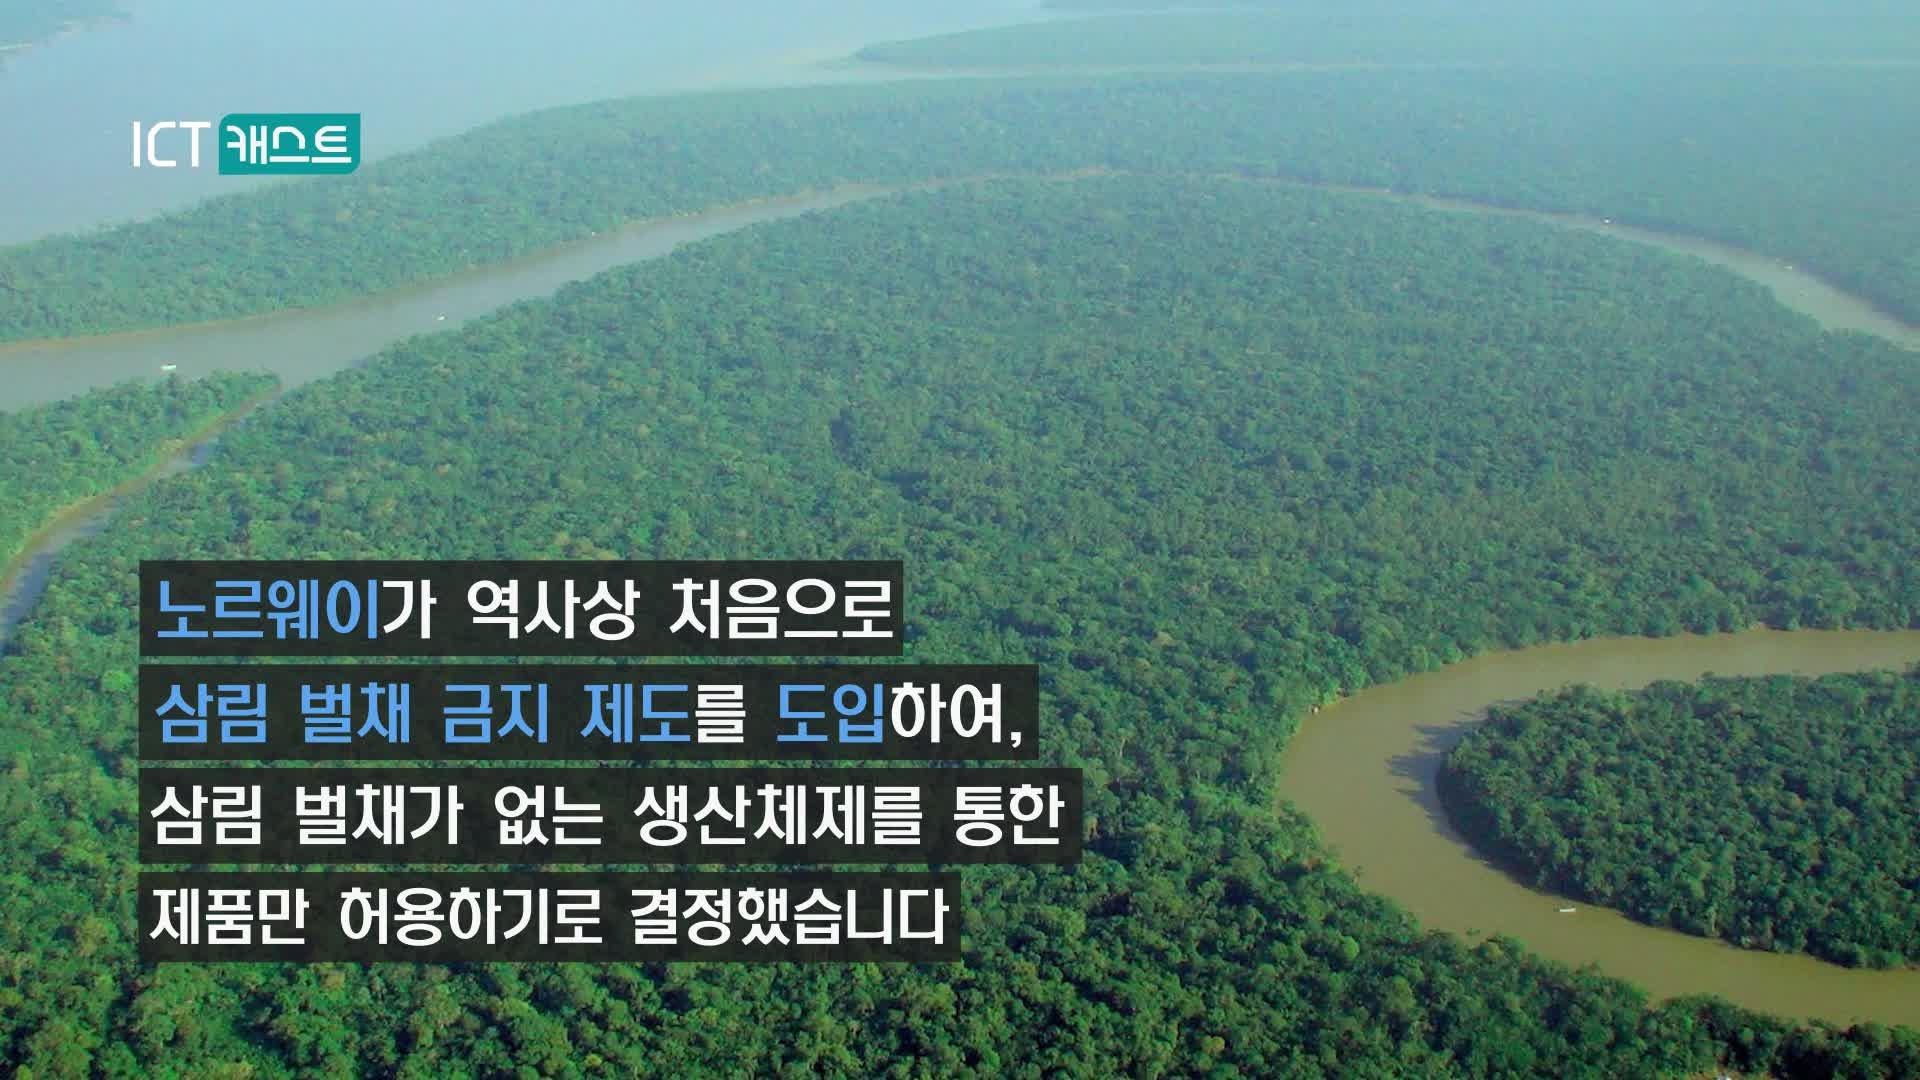 노르웨이 삼림 벌채 금지 제도 도입_ICT 캐스트 6월 4주차